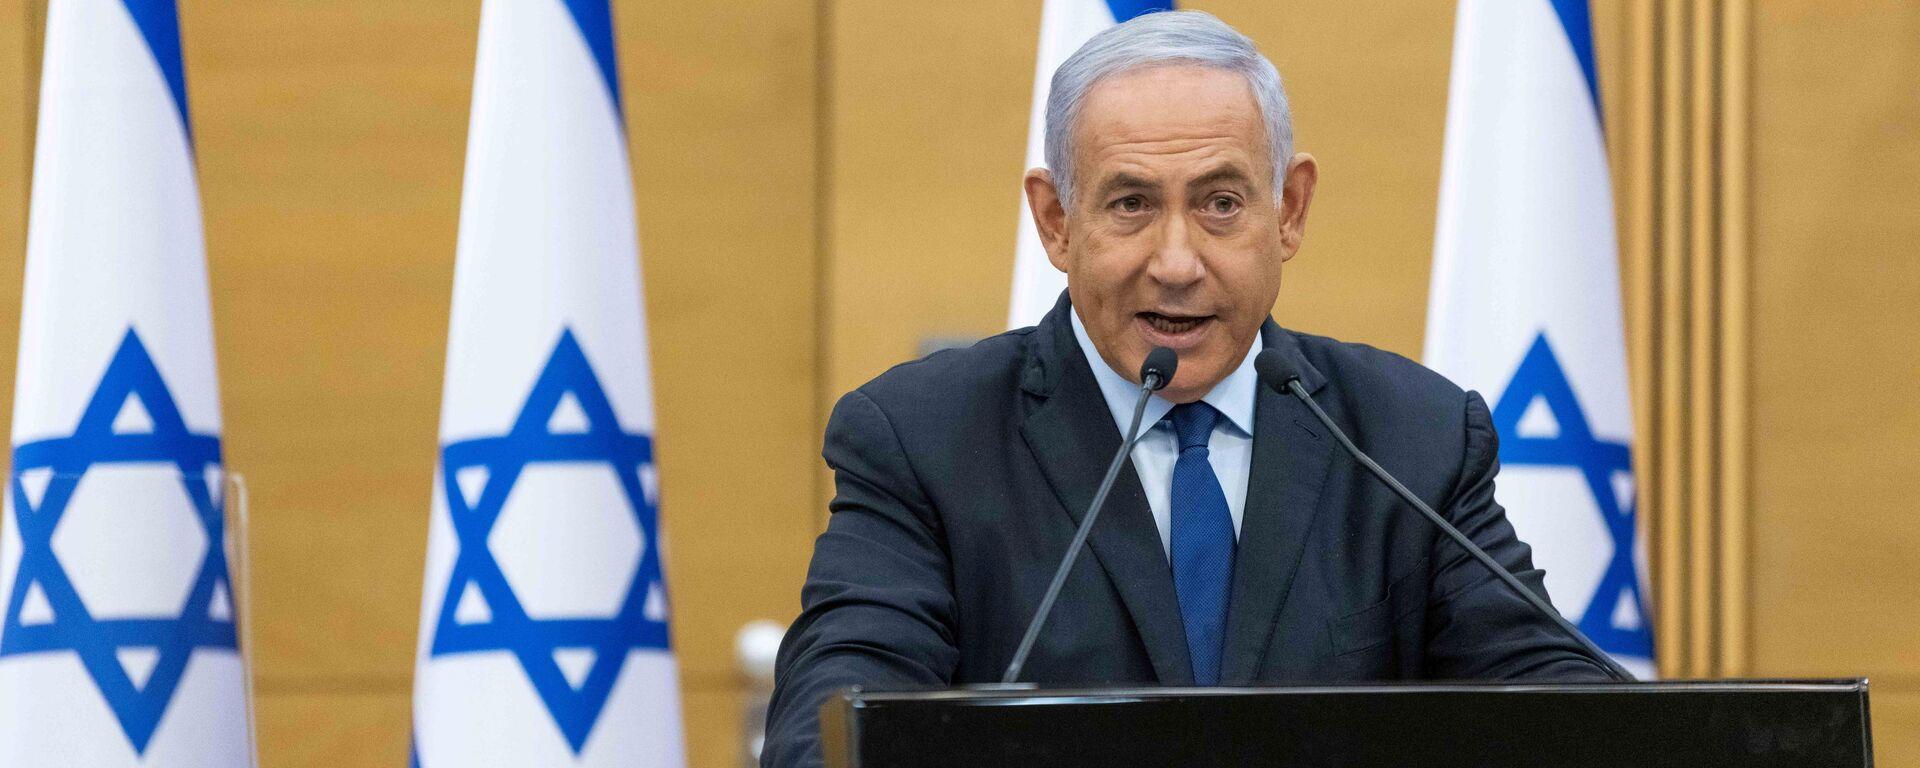 Thủ tướng Israel Benjamin Netanyahu. - Sputnik Việt Nam, 1920, 02.06.2021